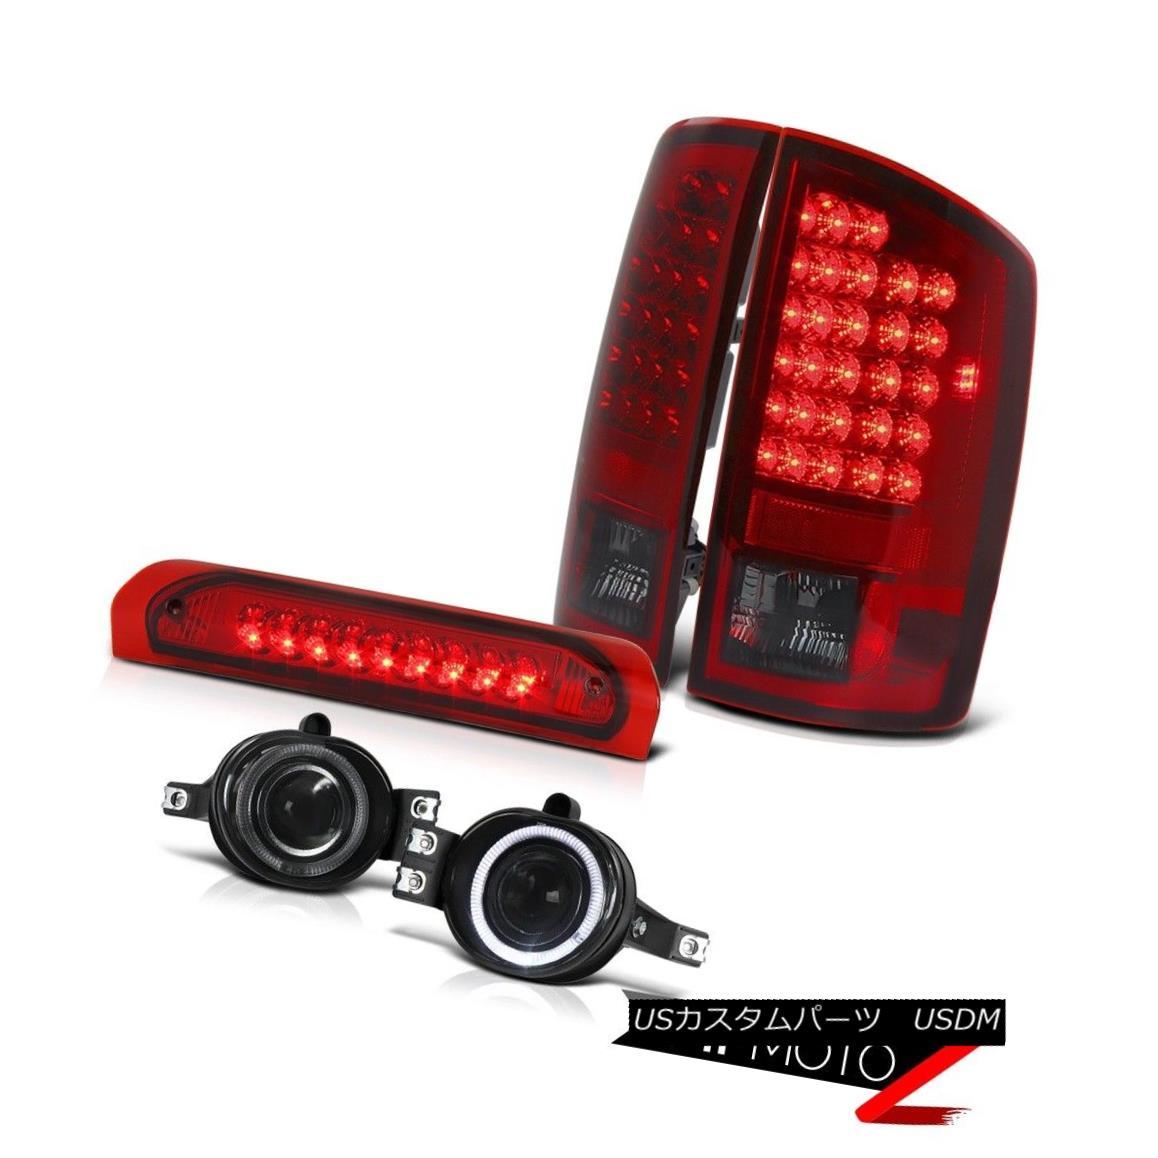 テールライト Dodge 02-06 RAM SMOKEY LED Tail Light+3rd Brake+Smoke Halo Projector Fog Lamp ドッジ02-06 RAM SMOKEY LEDテールライト+第3ブレーキ+スモークハロープロジェクターフォグランプ